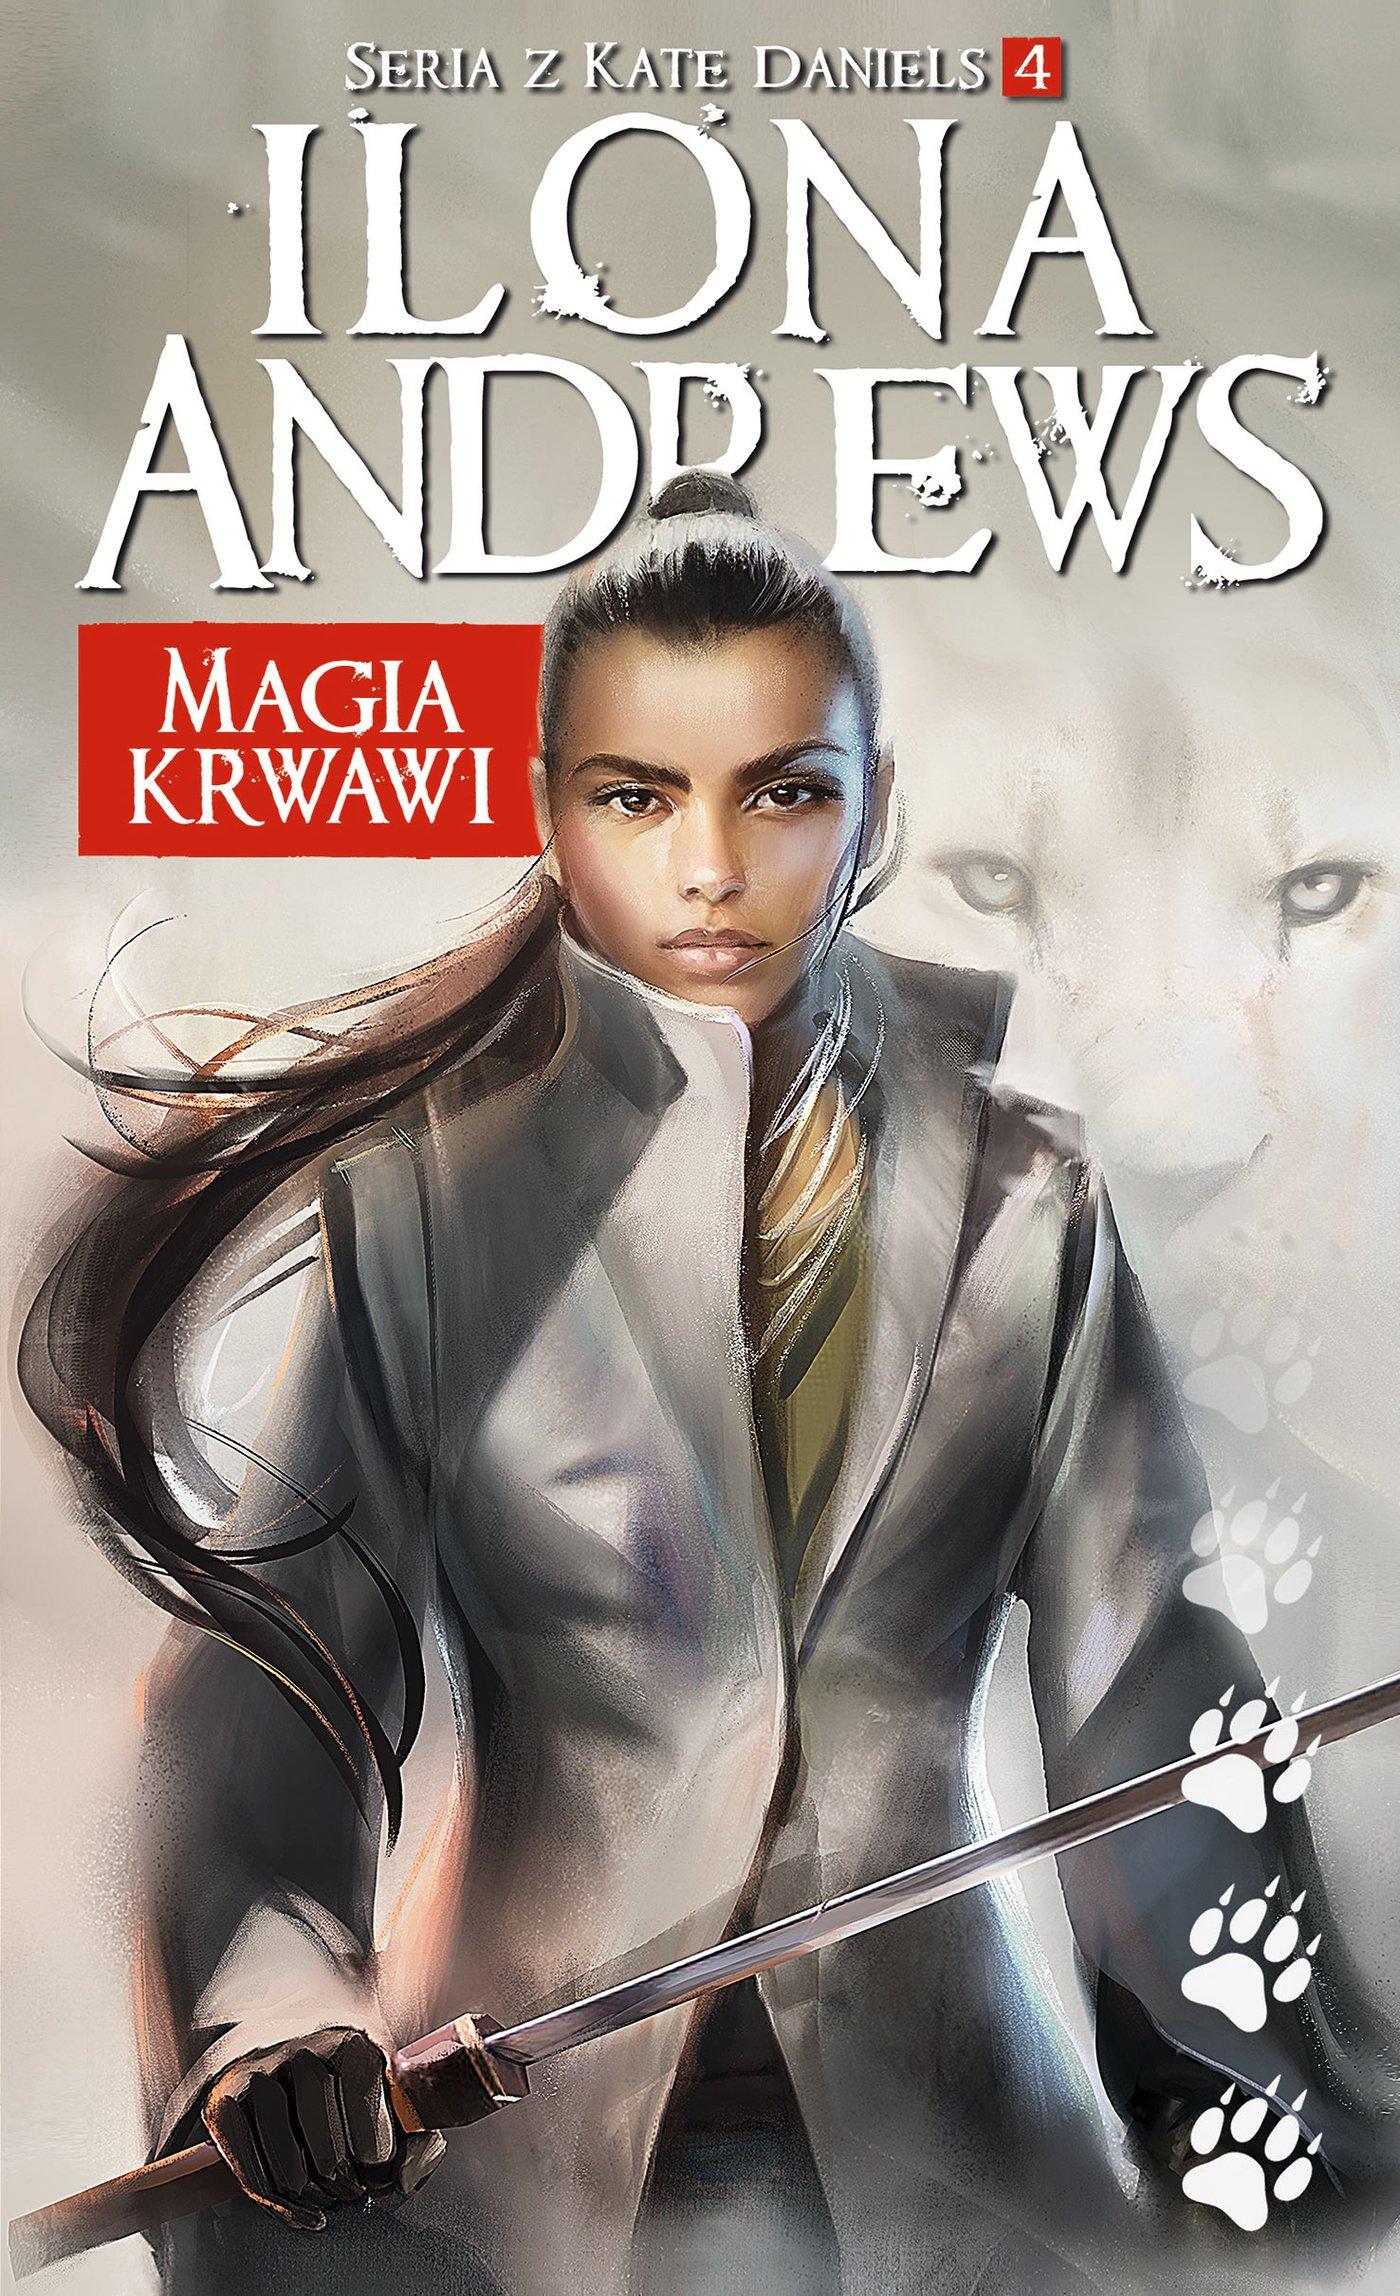 Magia krwawi - Ebook (Książka na Kindle) do pobrania w formacie MOBI